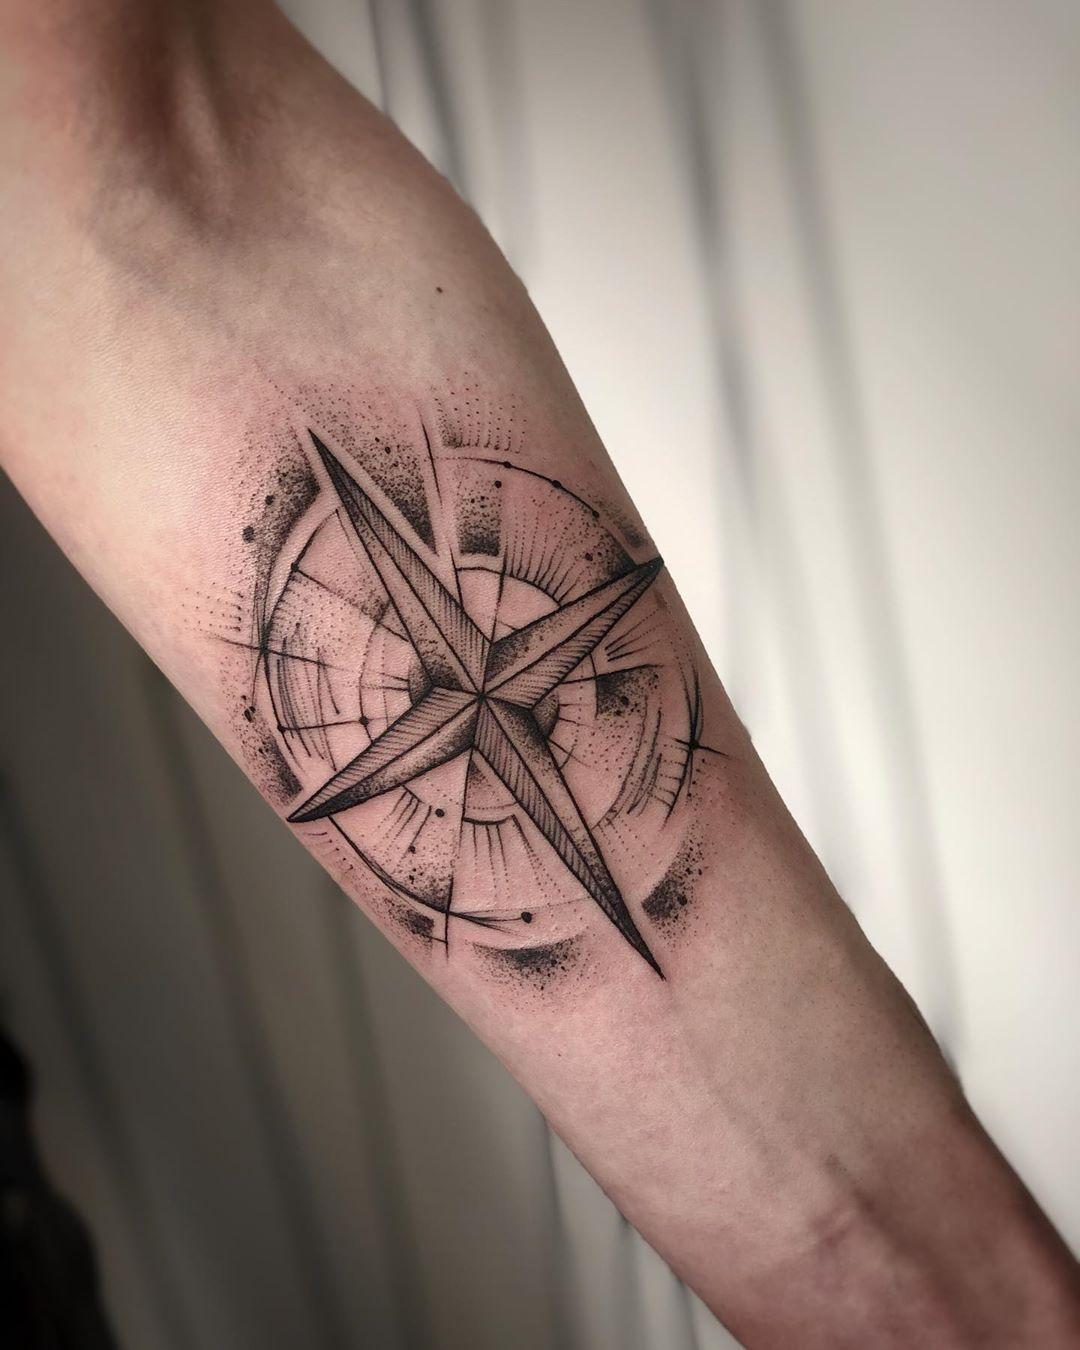 #compasstattoo 🖤🖤🖤 ▪️▪️▪️▪️▪️▪️▪️▪️▪️▪️▪️▪️ #tattoo #tattos #tatuaje #tattooworkers #tattooart #tattooartist #lodz #poland #blackwork #darkartists #polandtattoos #equilattera #wowtattoo #flashworkers #blackworkssubmission #inkstinctsubmission #graphicdesign #blxckink #blacktattoo #sketchstyle  @polandtattoos @polandink